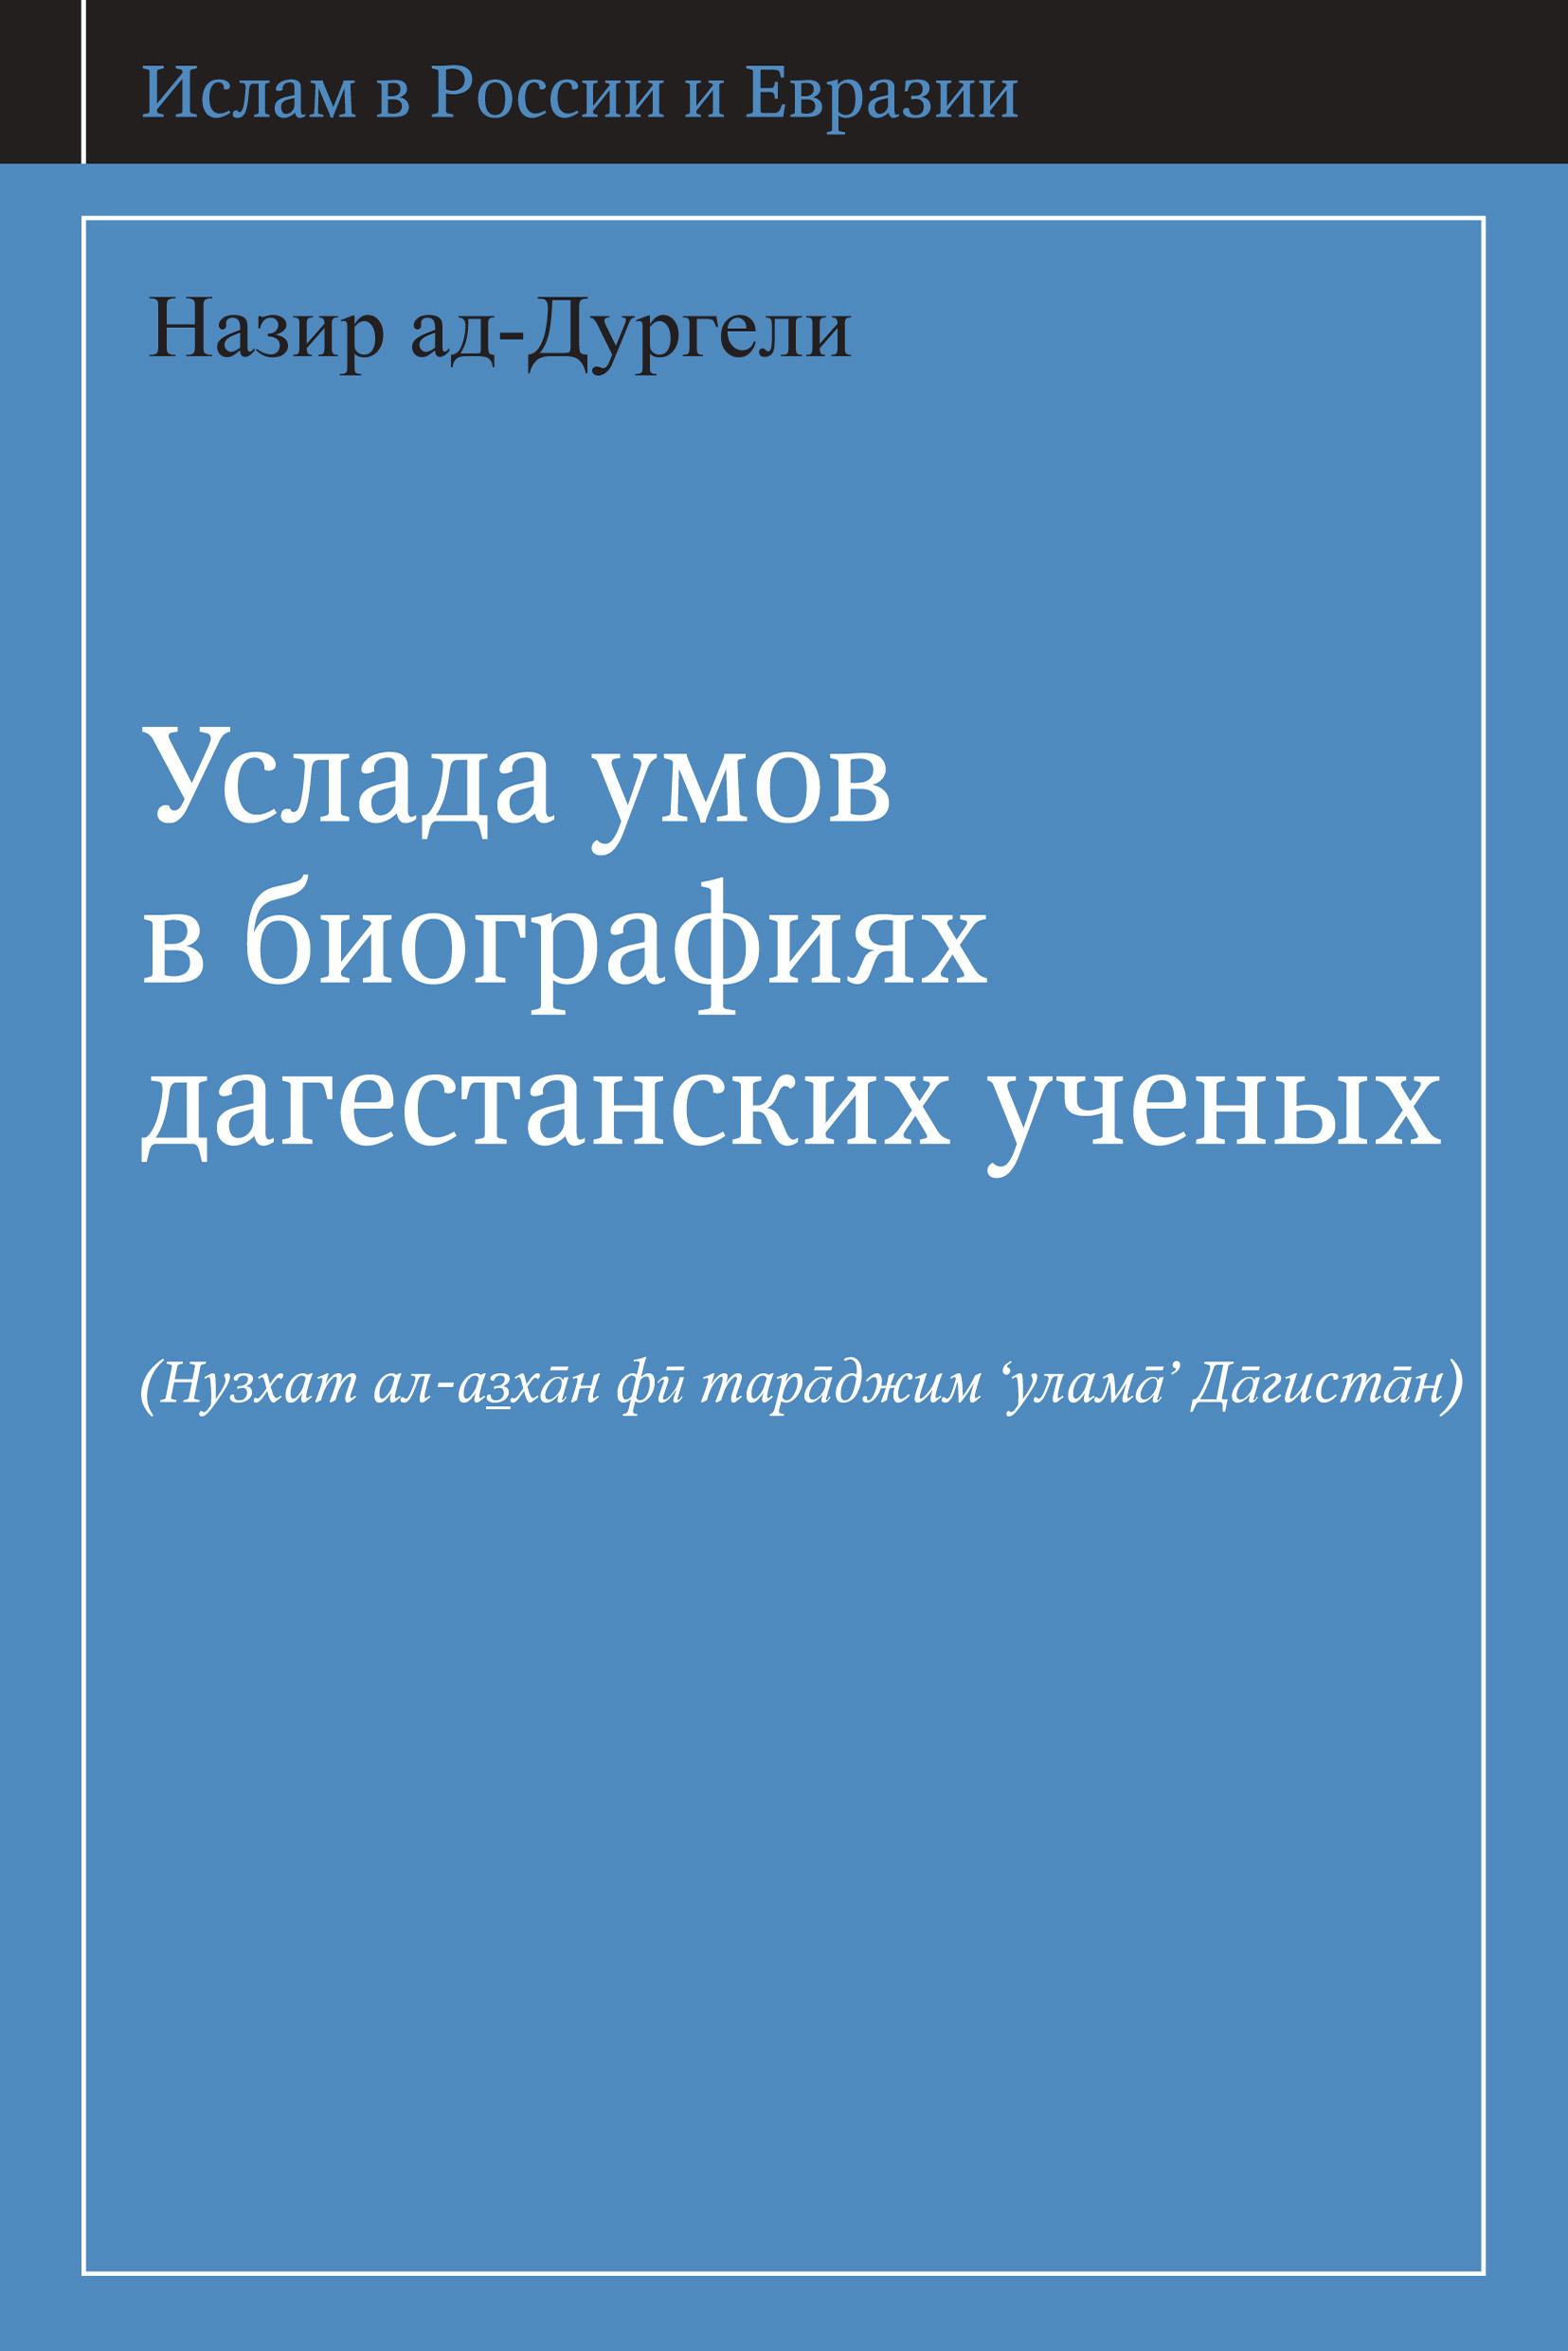 Услада умов в биографиях дагестанских ученых